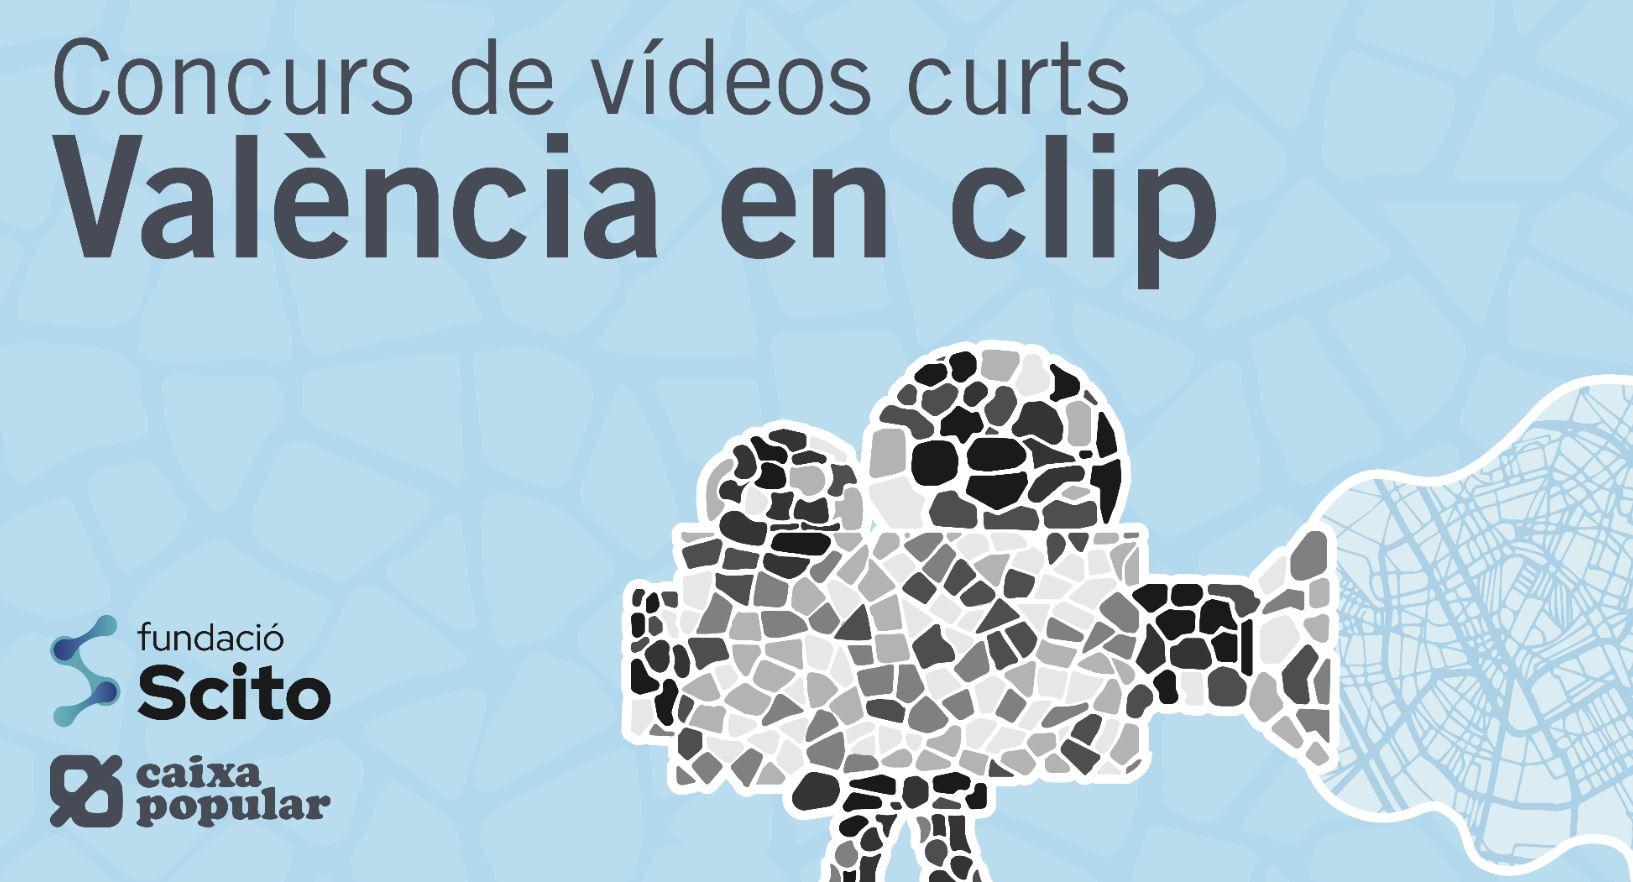 'València en clip': el concurs de vídeos curts que mostra la València més creativa